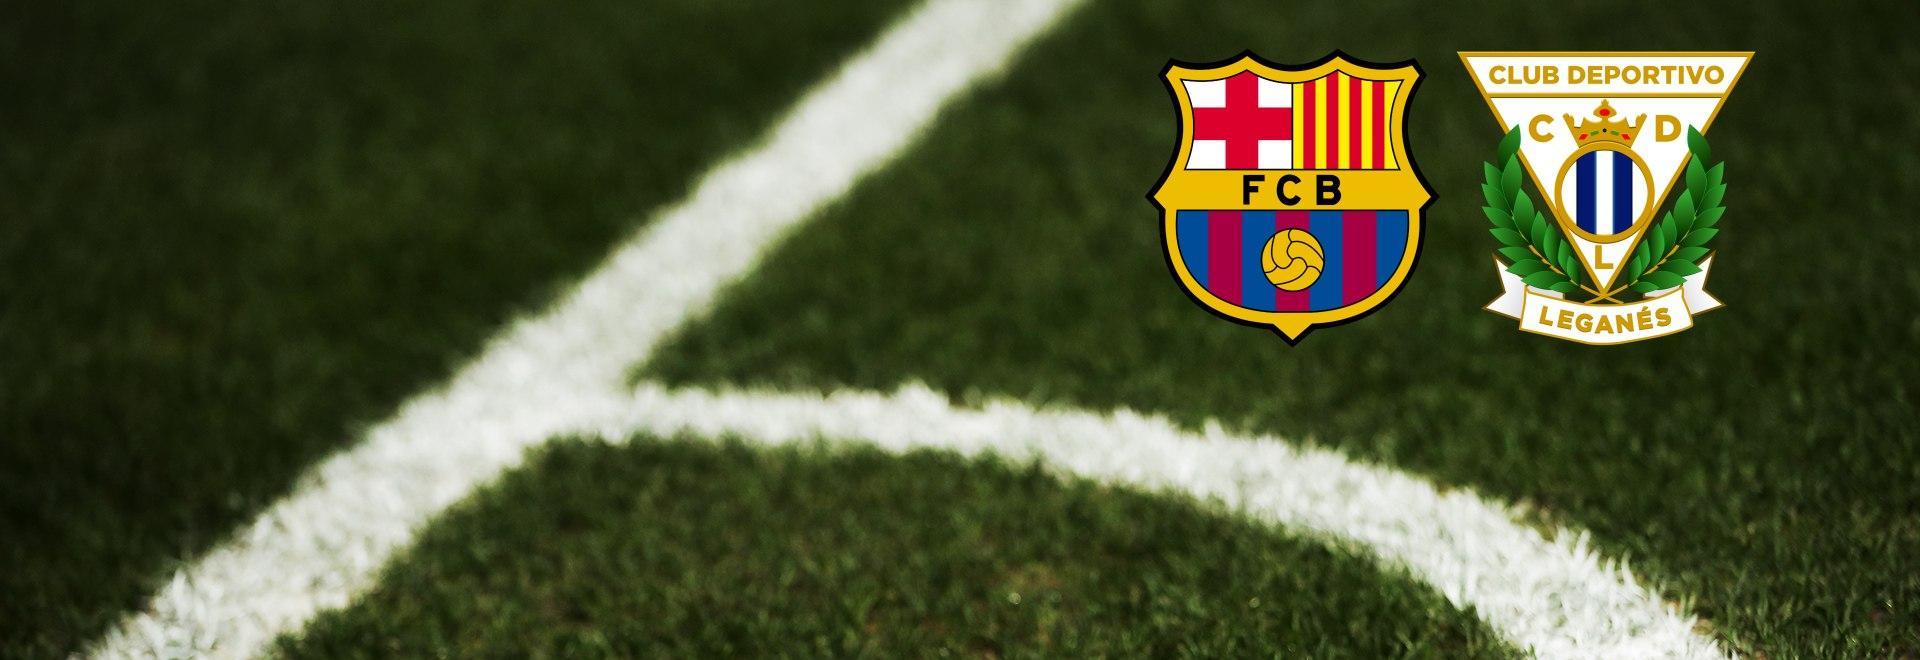 Barcellona - Leganes. 29a g.